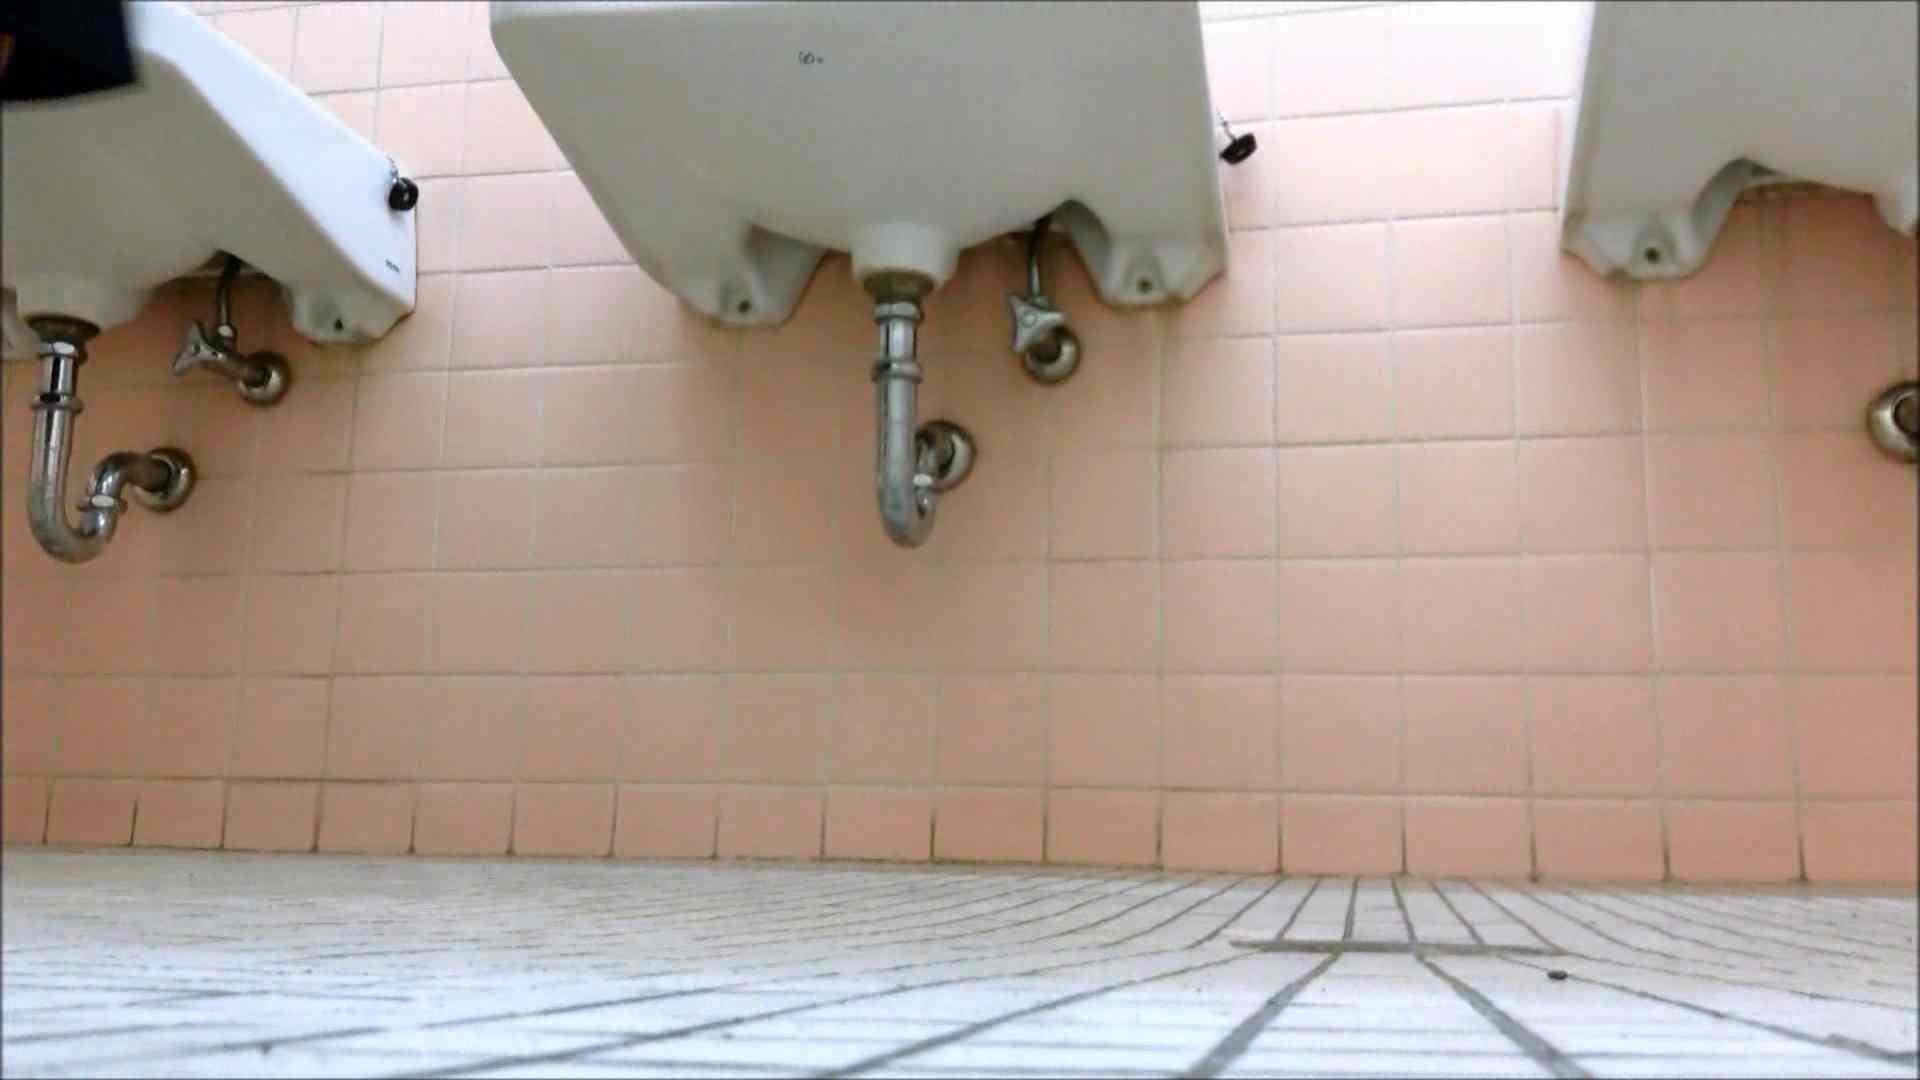 某有名大学女性洗面所 vol.15 和式トイレ AV動画キャプチャ 85pic 31